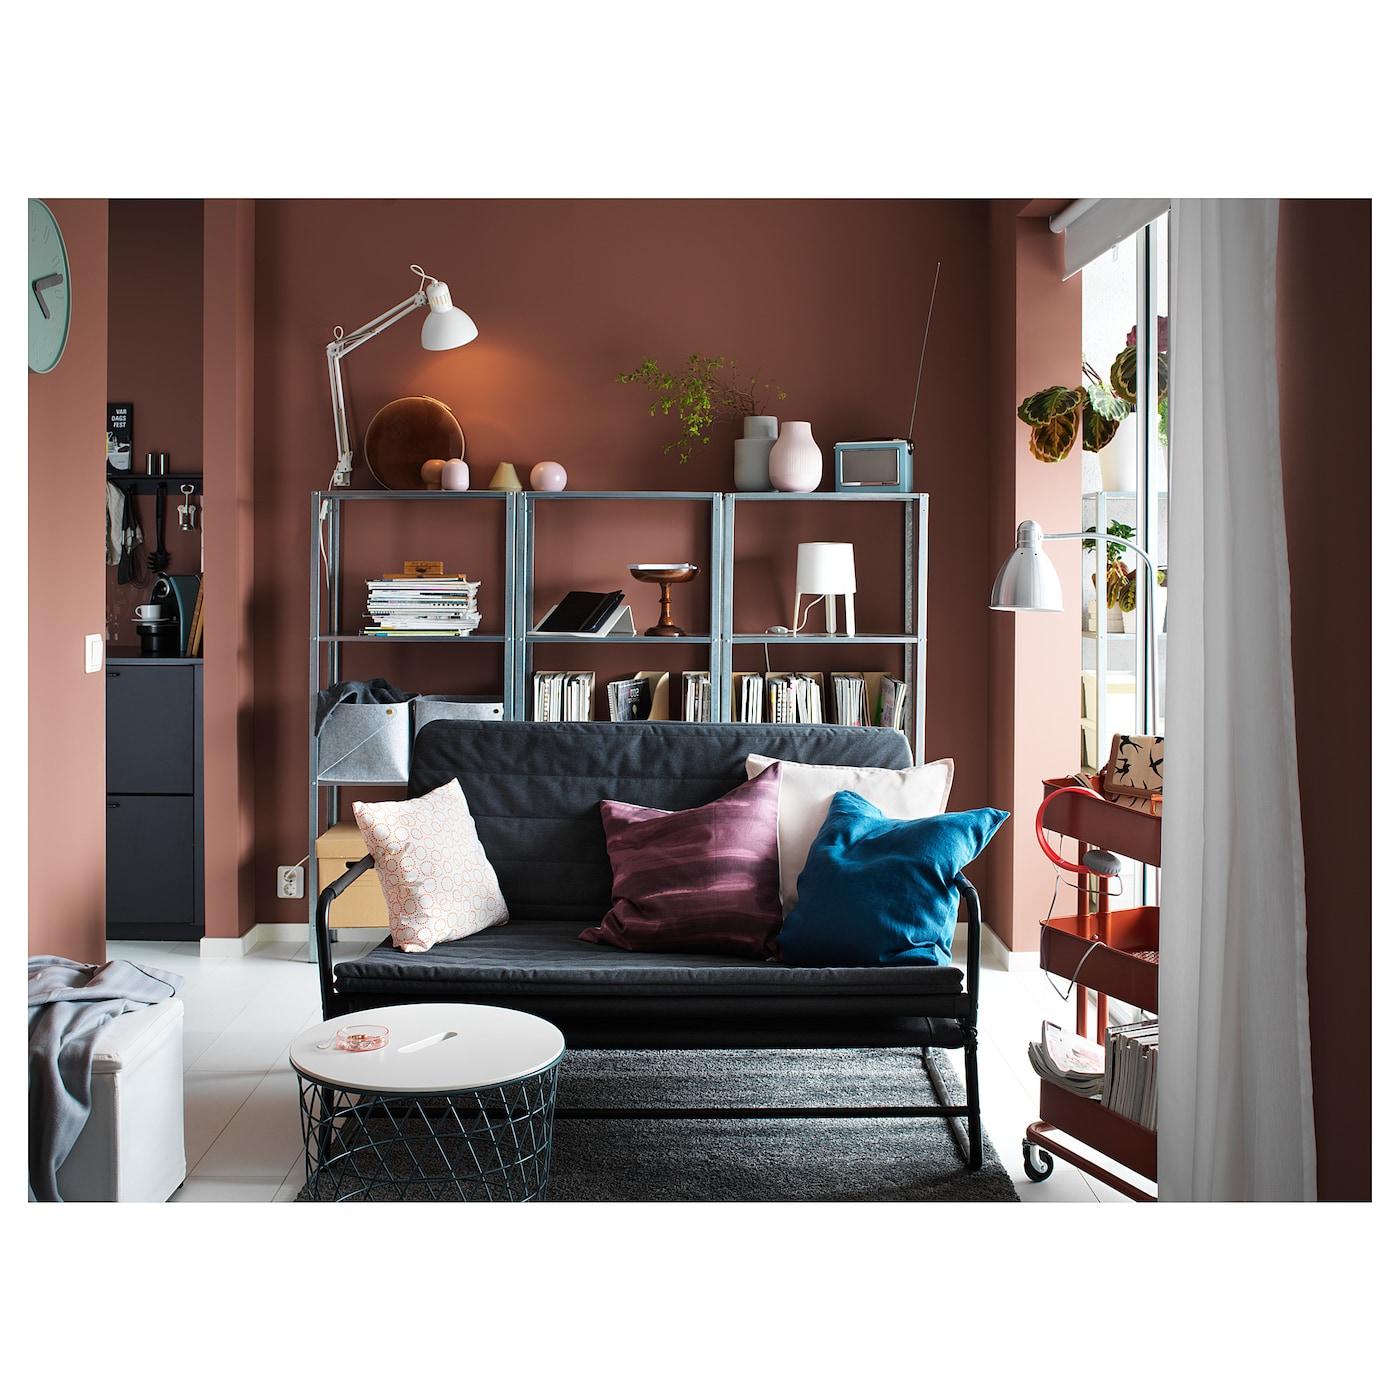 hyllis tag re int rieur ext rieur 60x27x140 cm ikea. Black Bedroom Furniture Sets. Home Design Ideas